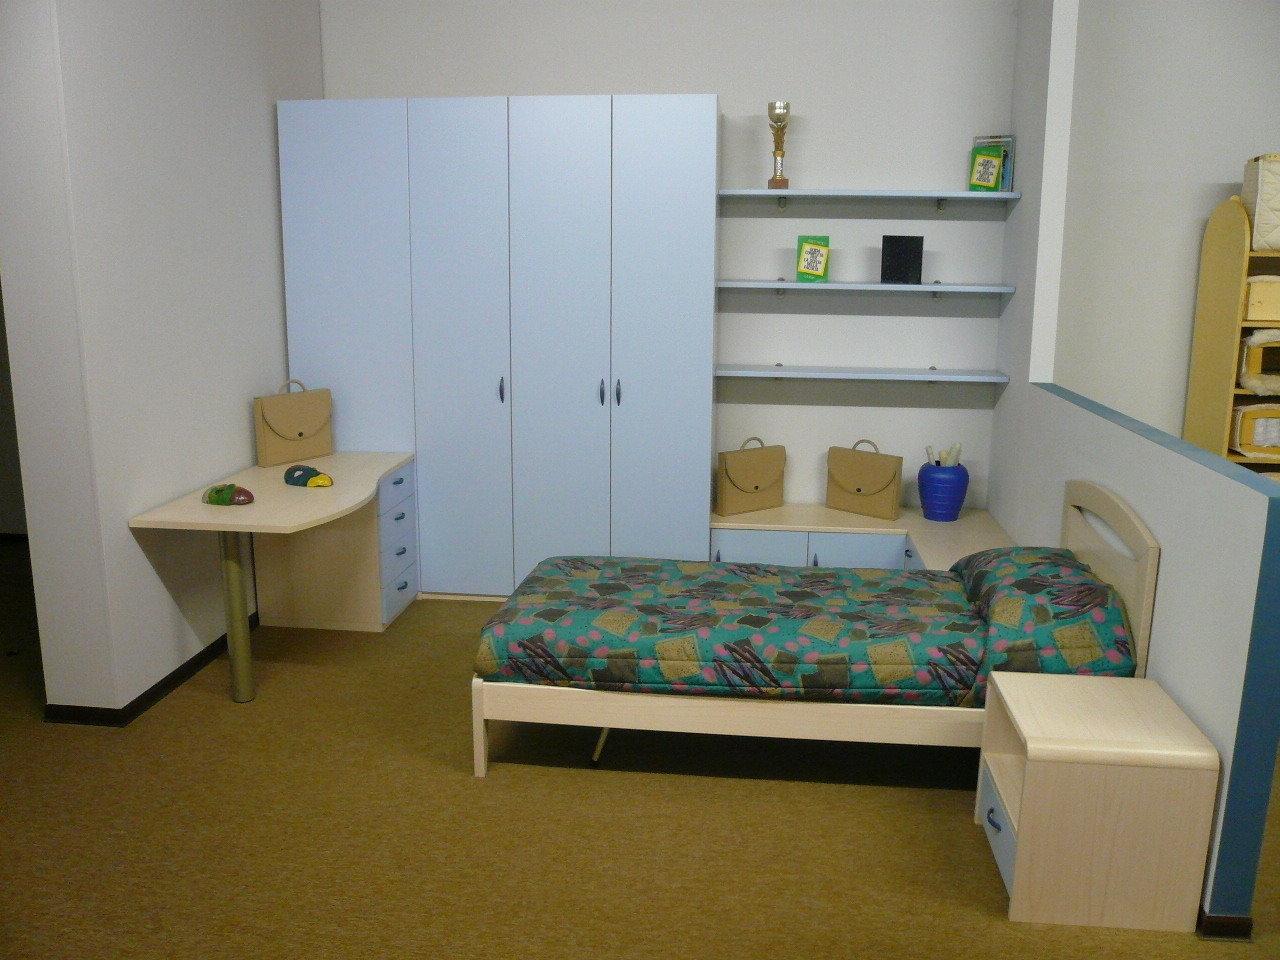 Camera da letto bambini mito scontata del 61 camerette a prezzi scontati - Camera da letto bambini ...